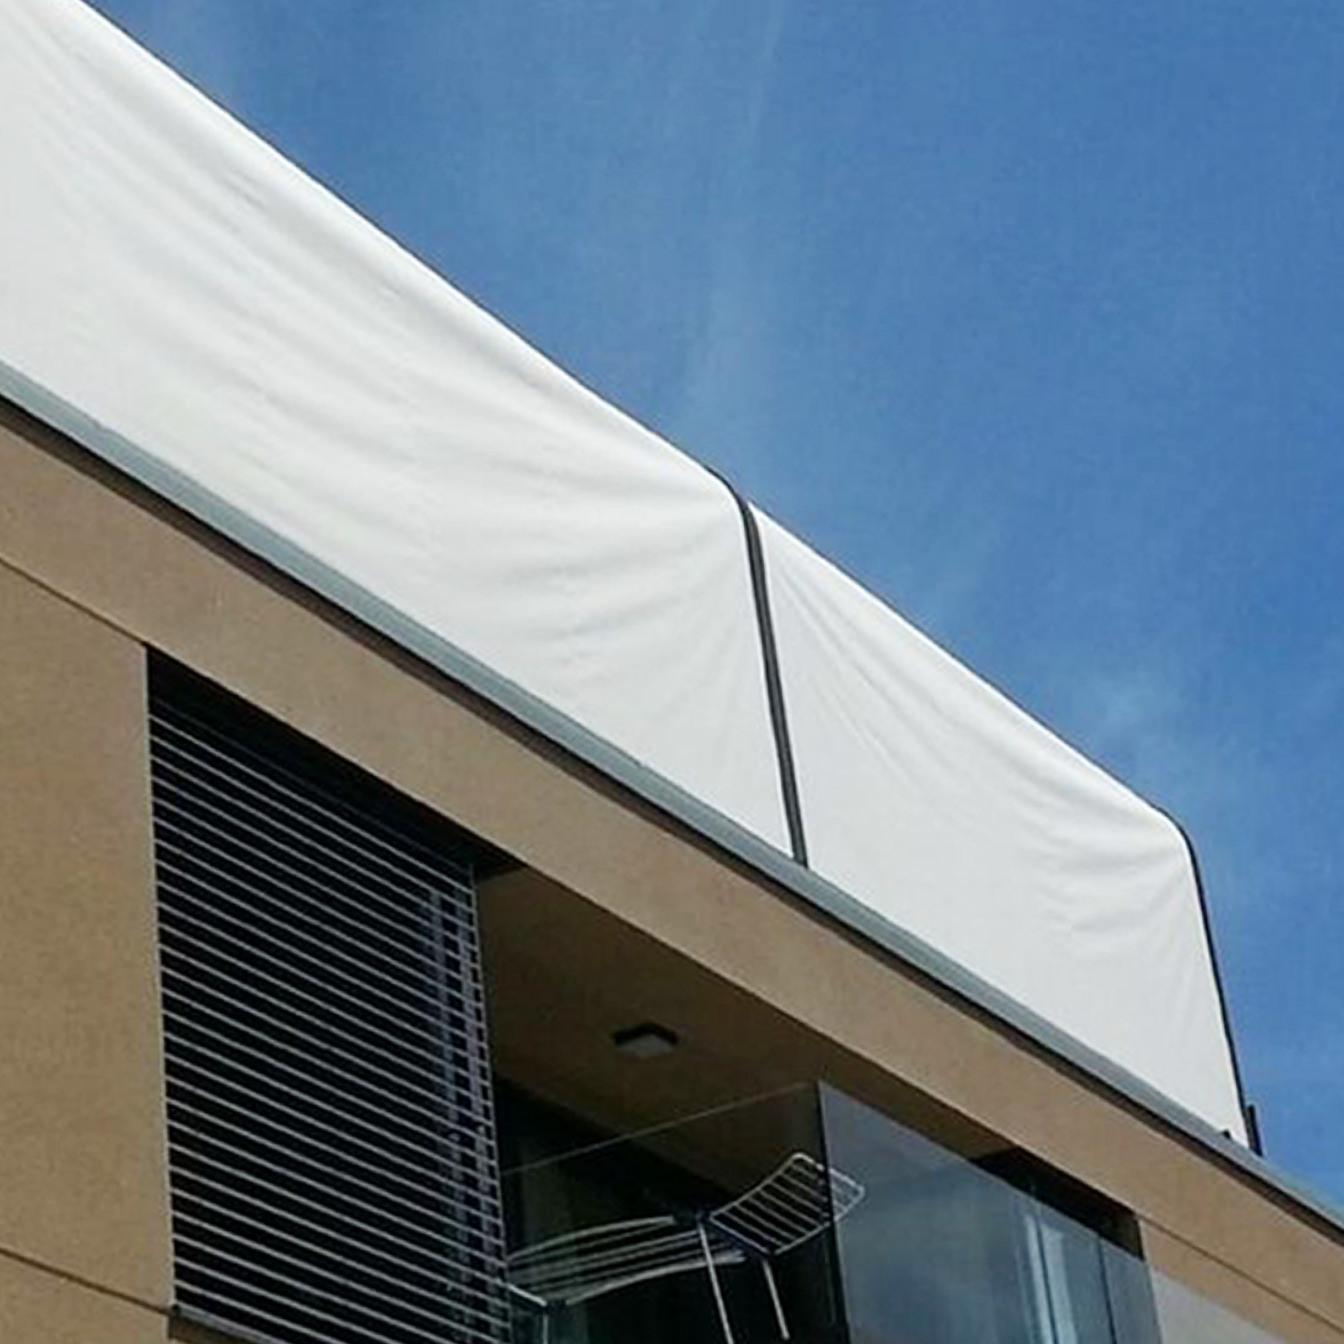 Das Foto zeigt Fassadenrollos als Senkrechtmarkise von Außen.